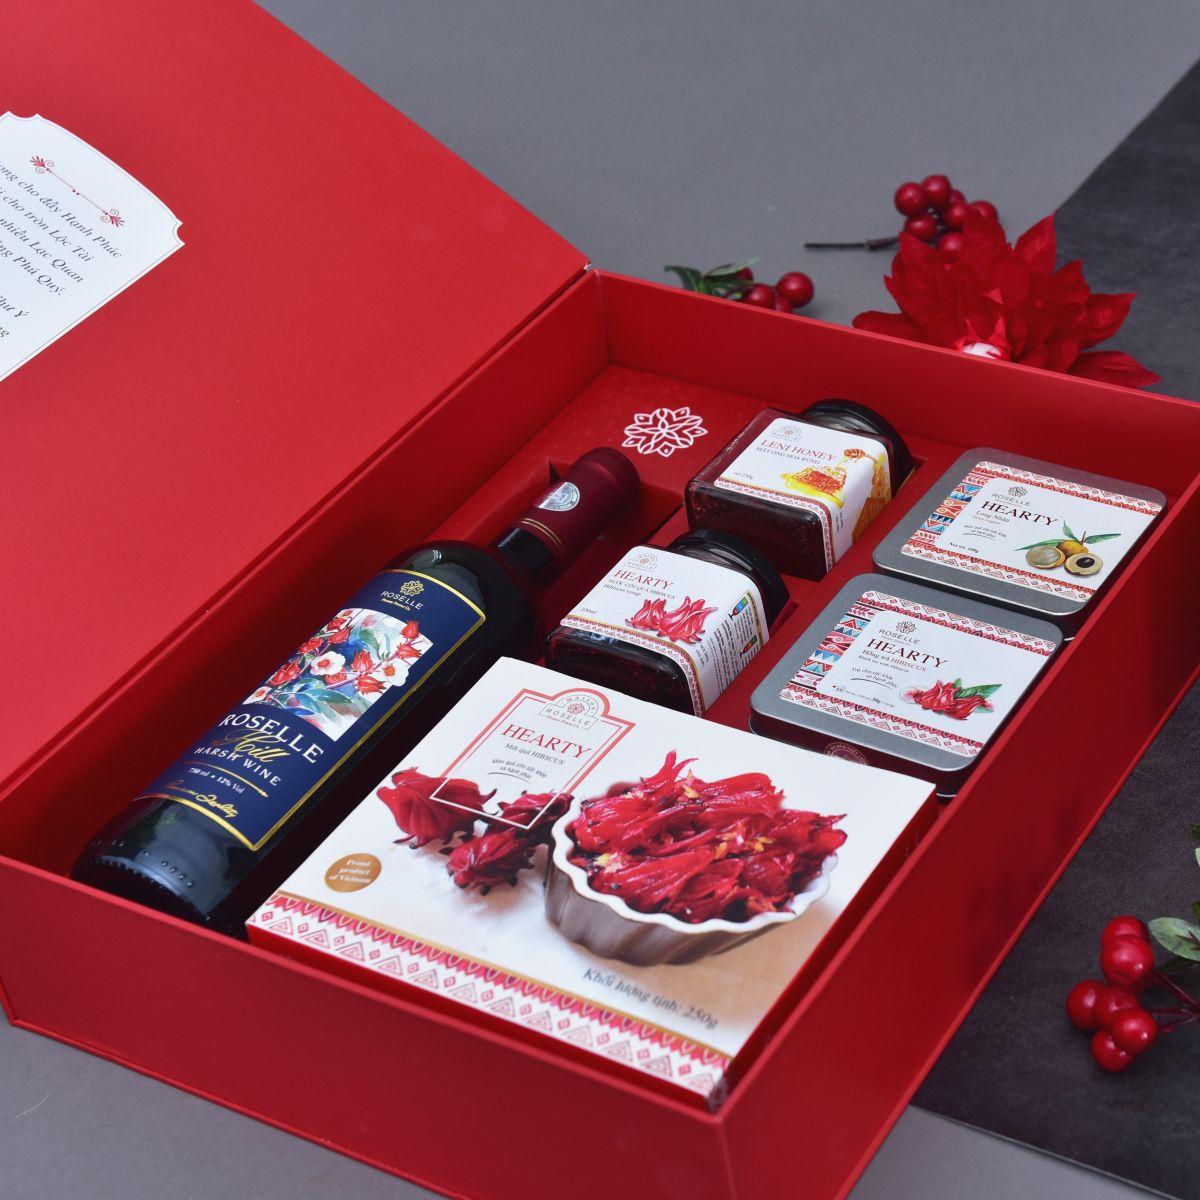 Tặng sếp hộp quà tết vào dịp năm mới - Nguồn ảnh: Internet